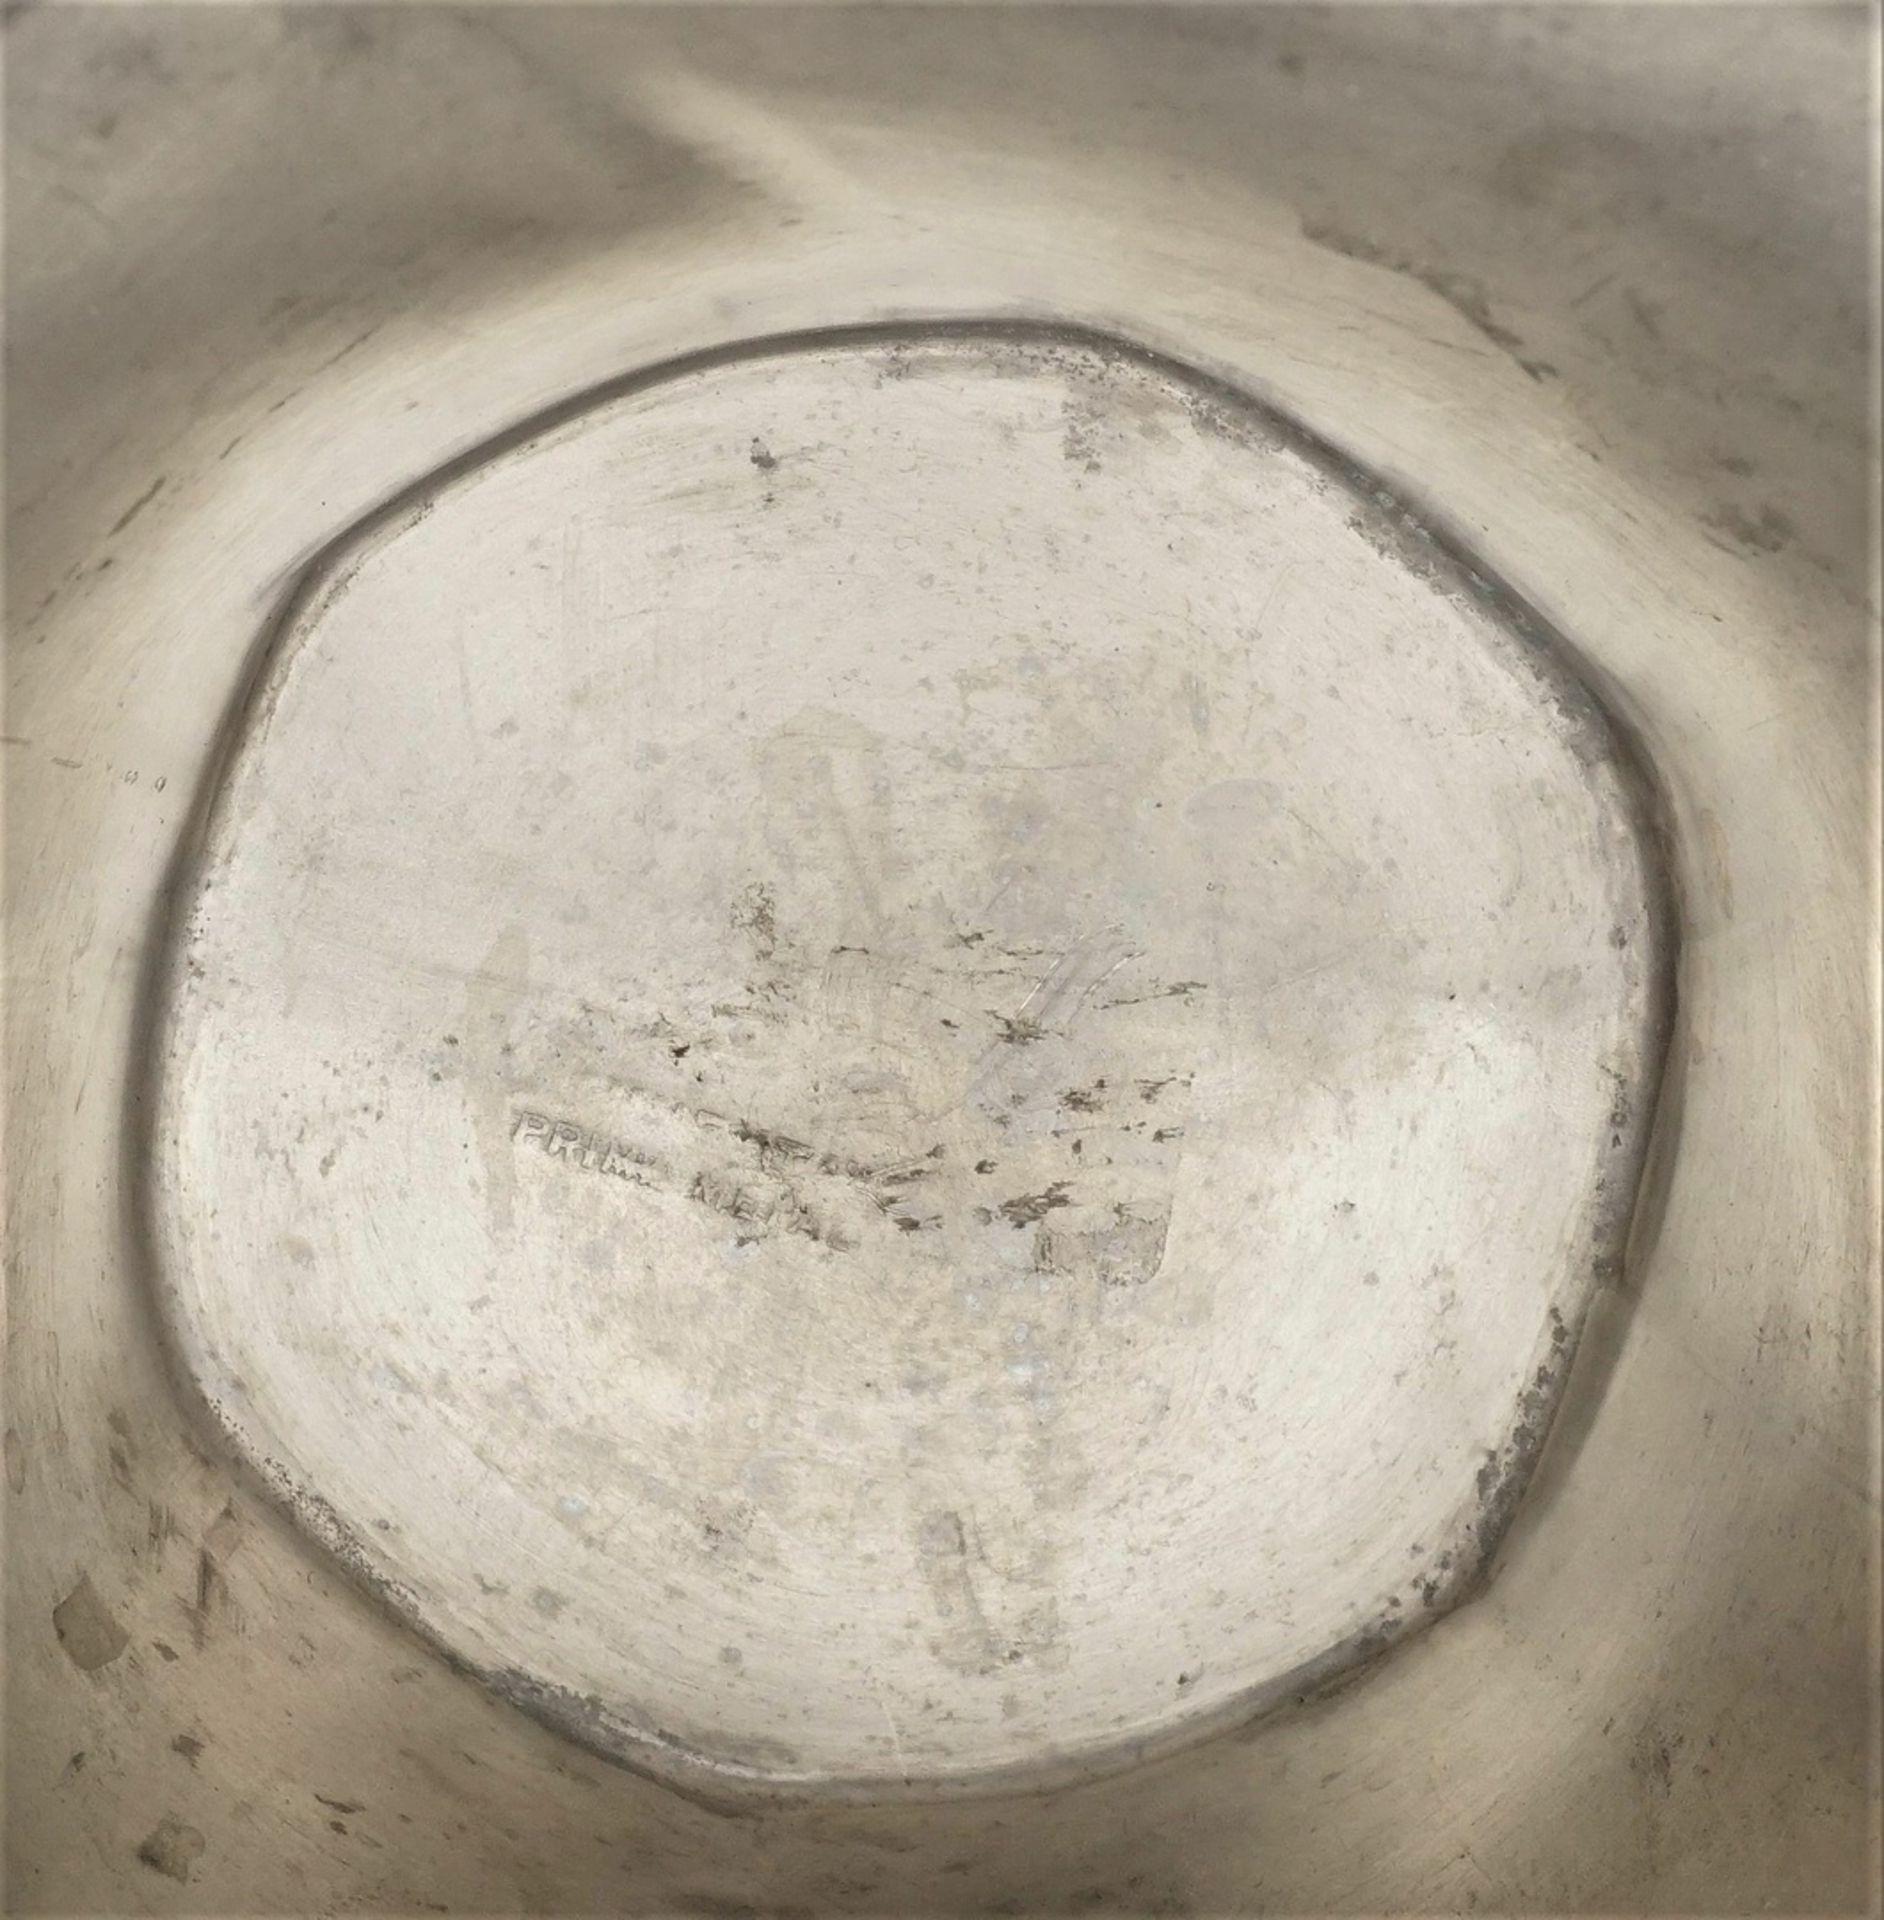 Juventa Prima Metal Doppelhenkelvase, vermutlich 1902-1908 - Bild 3 aus 3